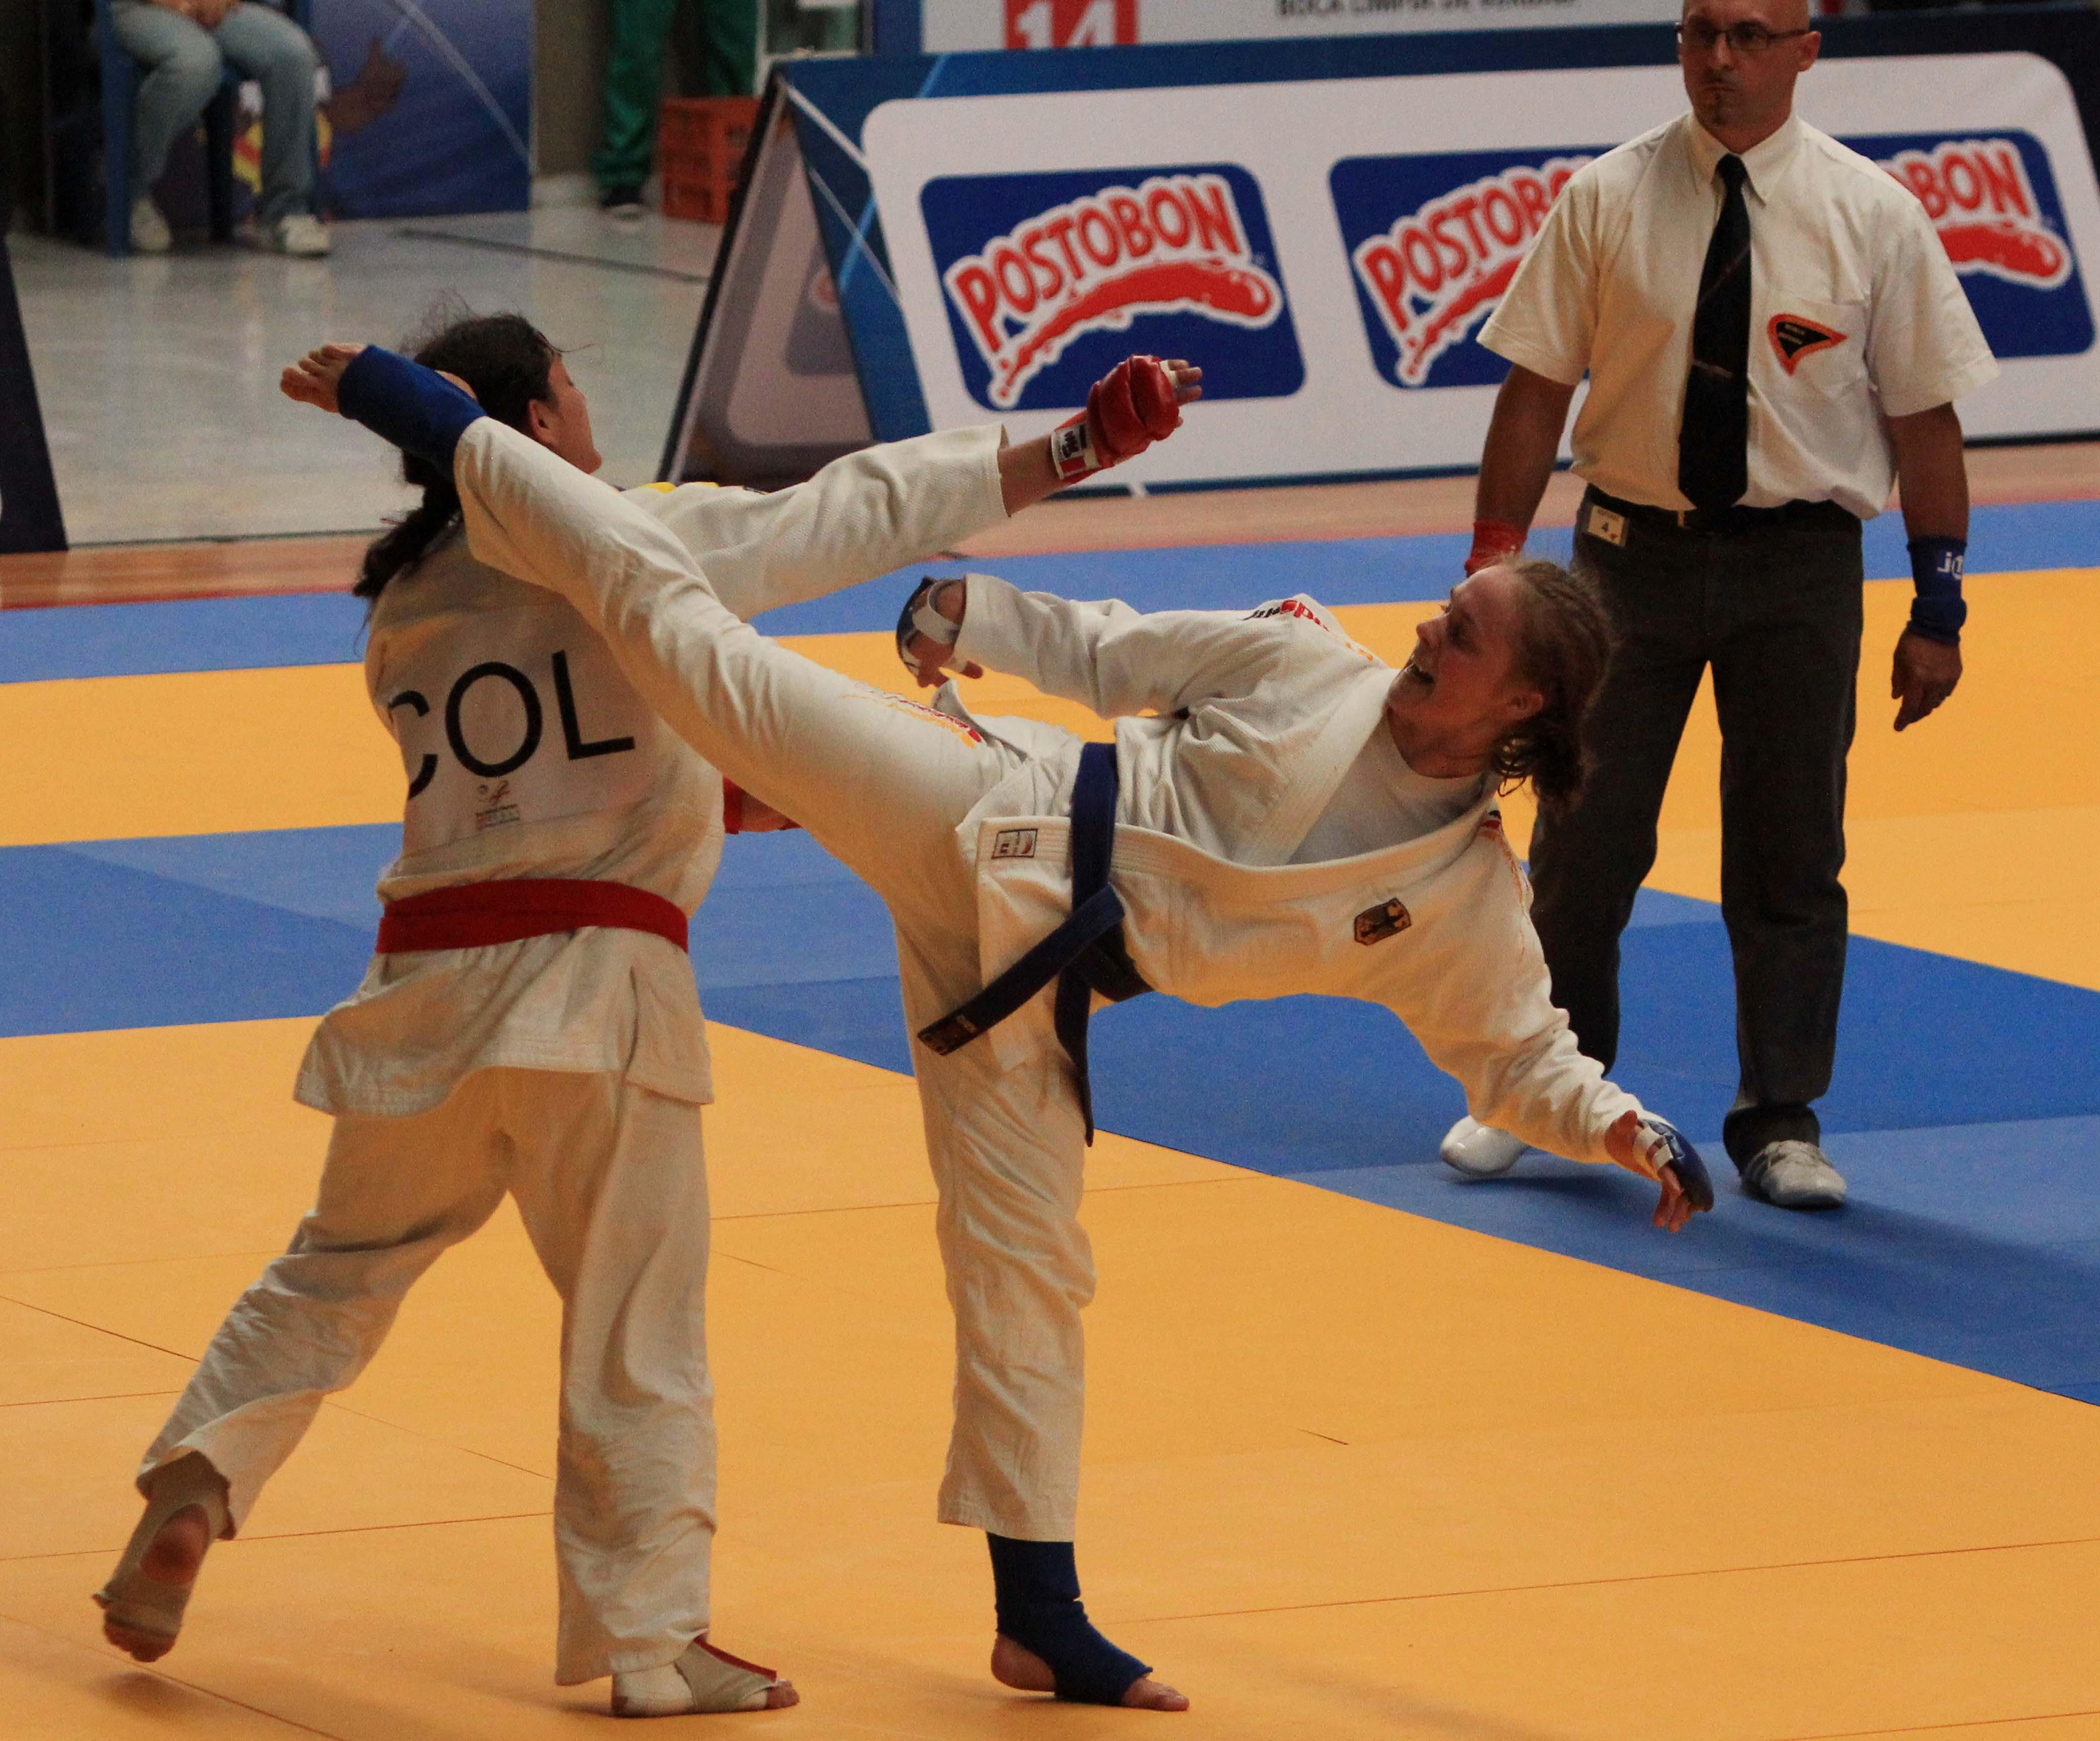 En imágenes: el Ju-Jitsu, coreografía de patadas y llaves al estilo de Hollywood